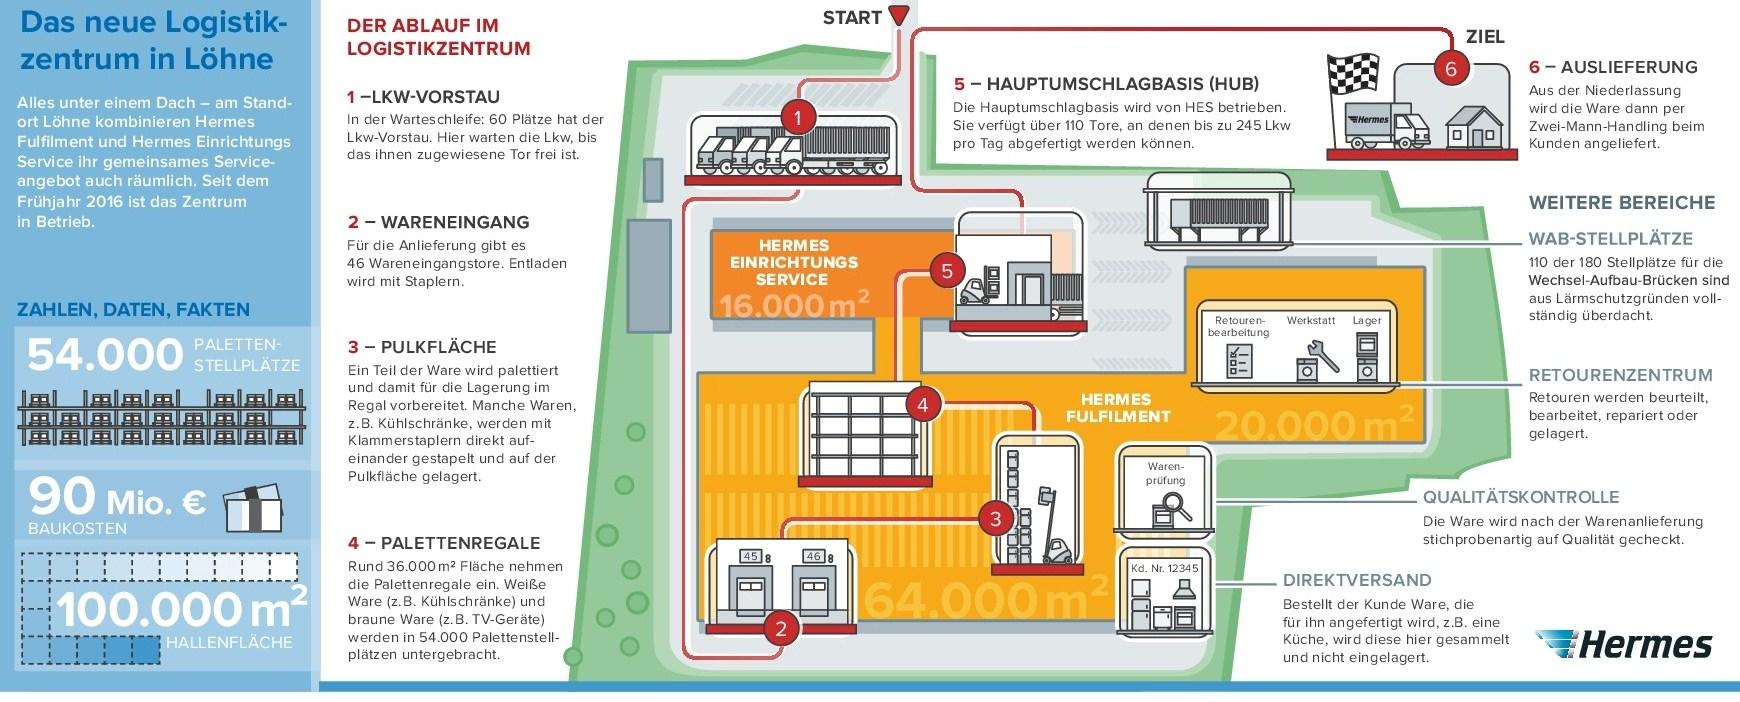 Infografik: Der Ablauf im Logistikzentrum. (Bild: Hermes)